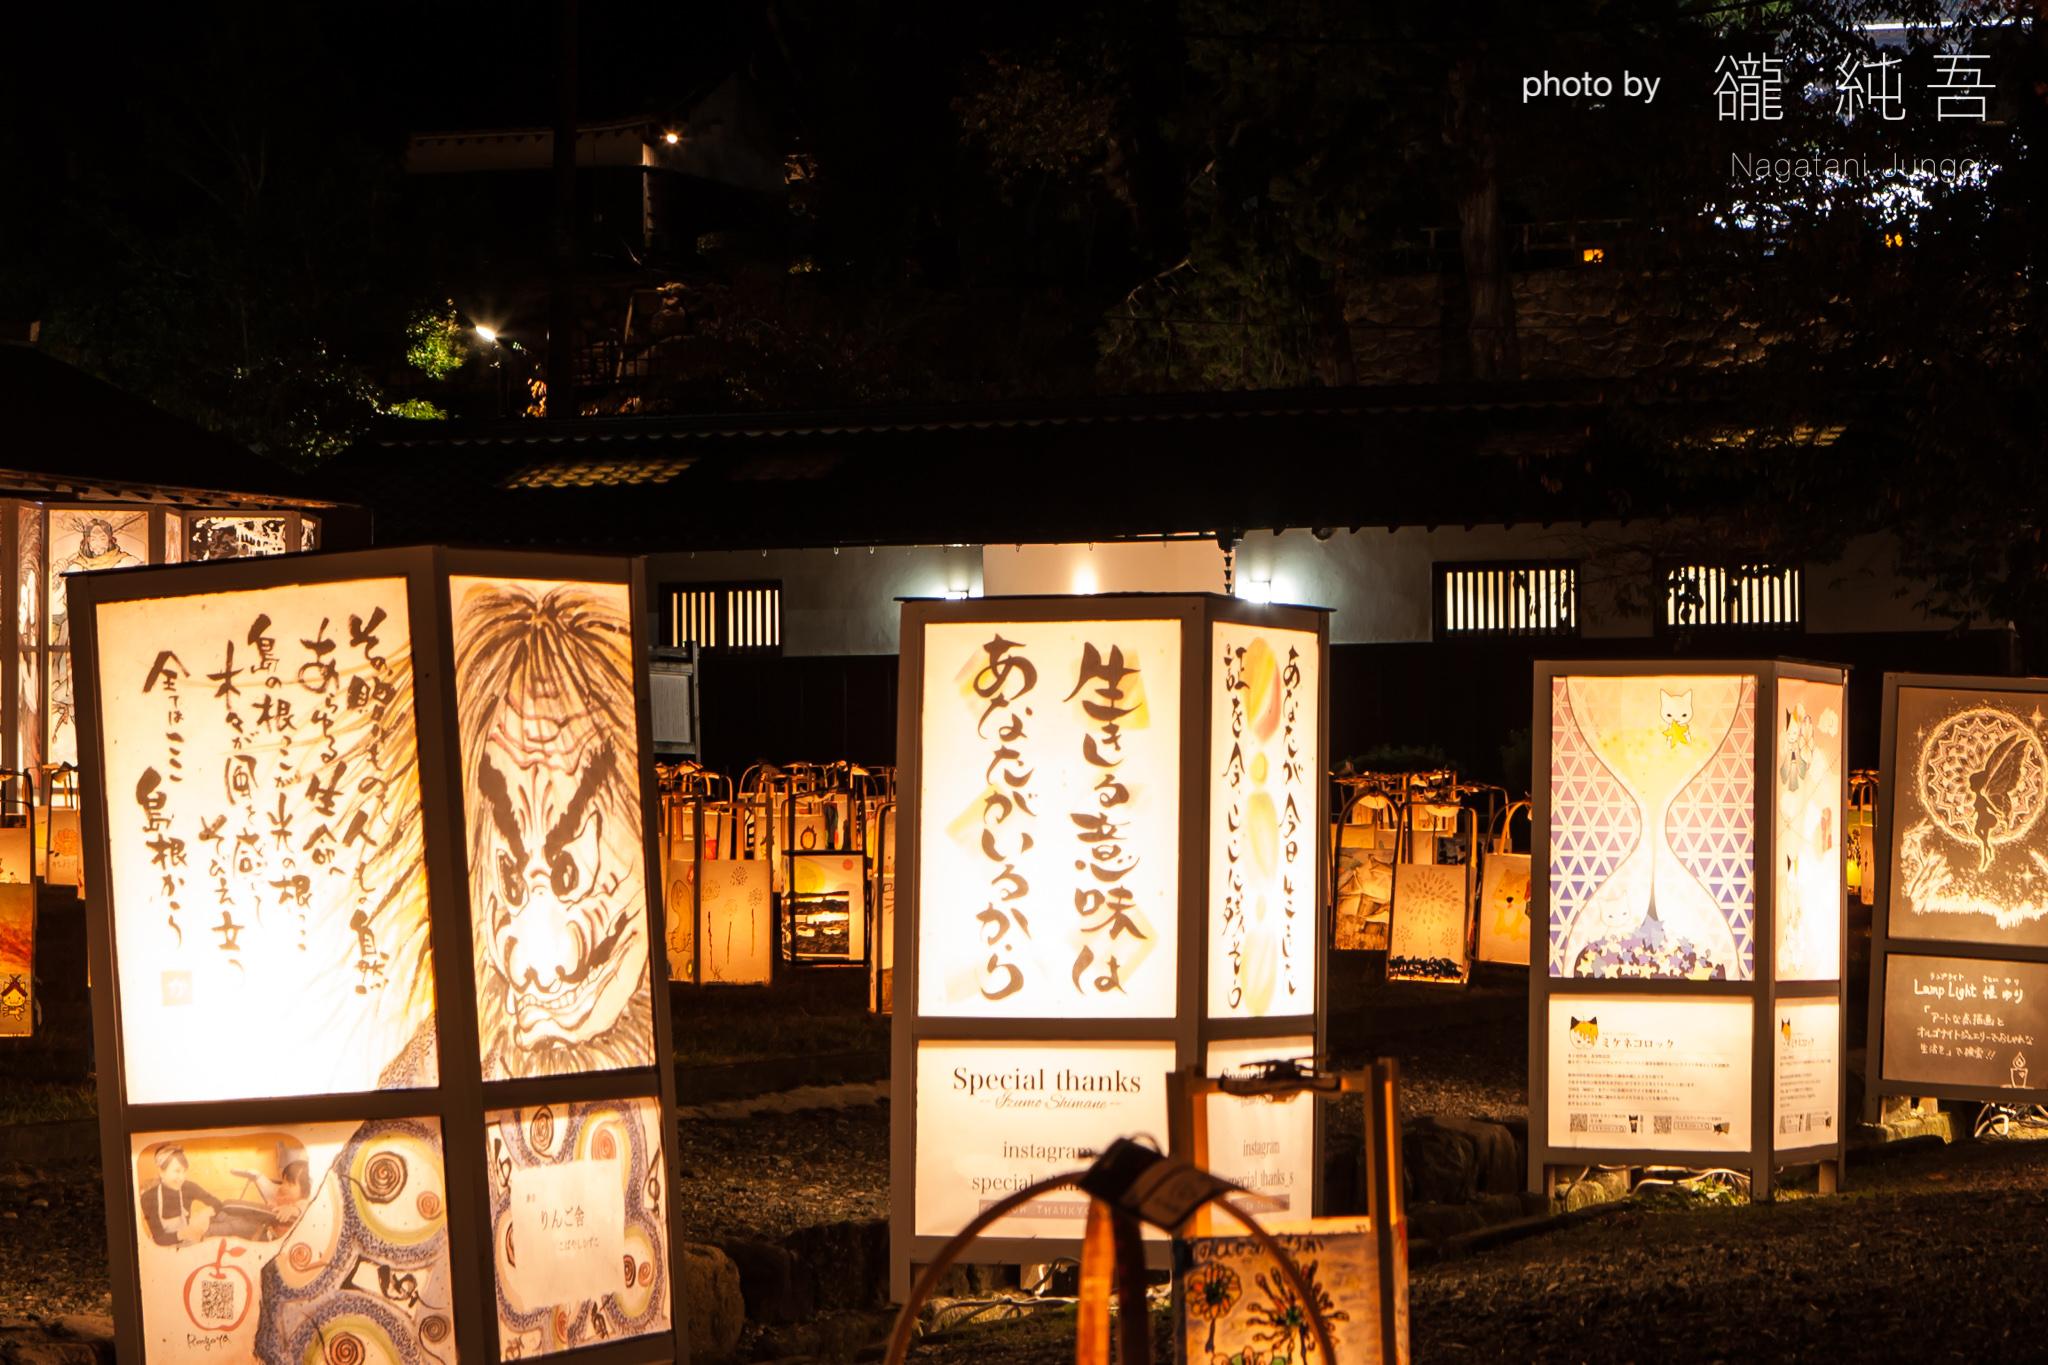 二の丸に設置された個性あふれるアーティスト行燈(2017年 二の丸上の段にて)